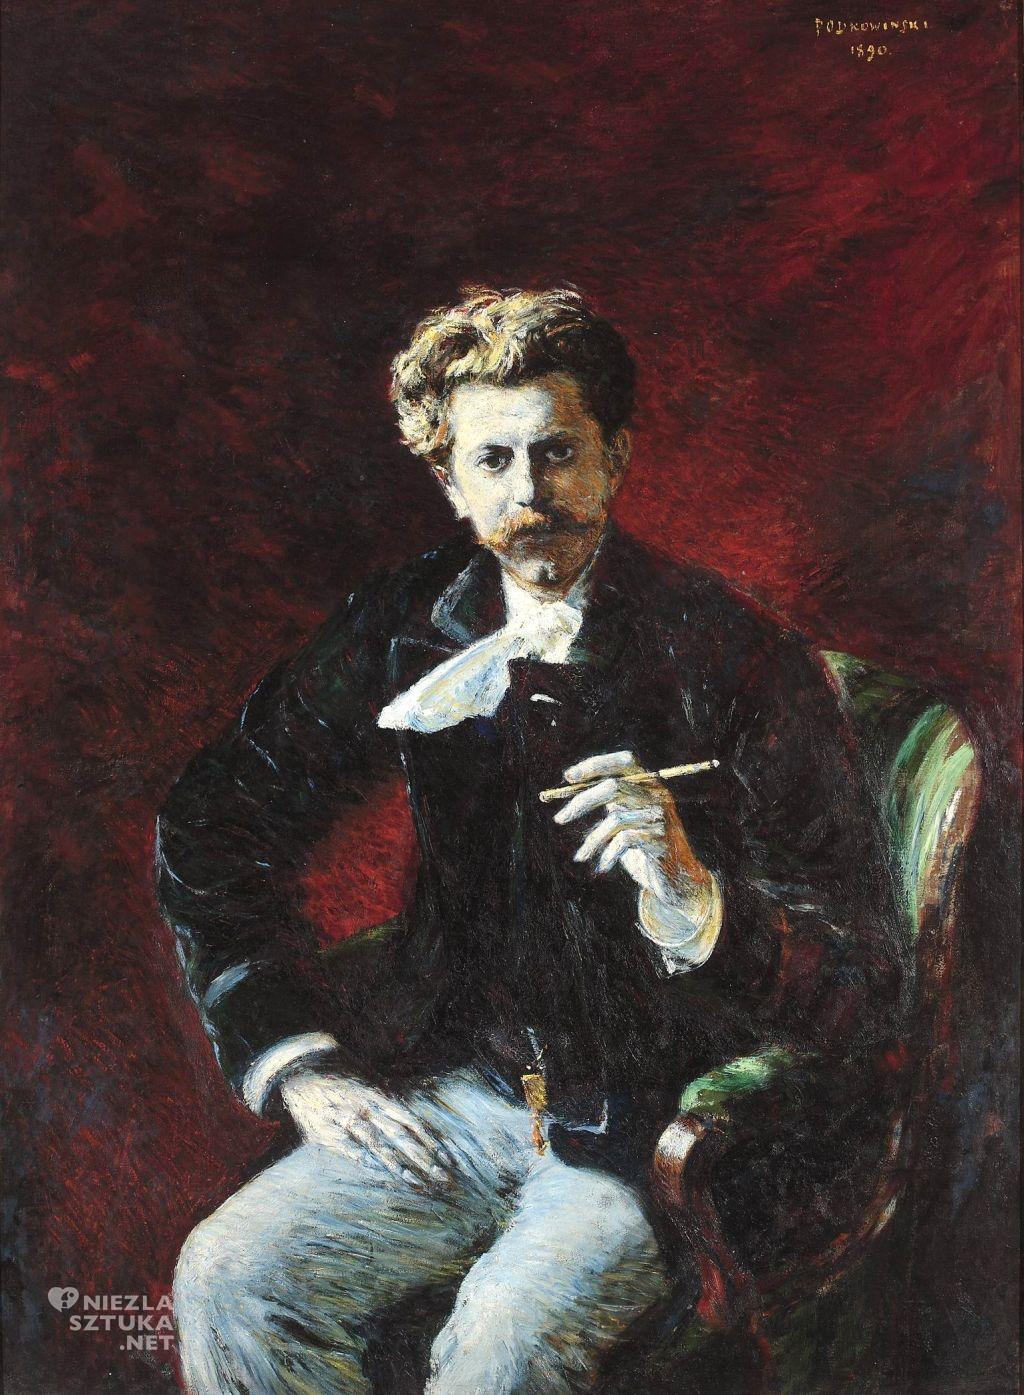 Władysław Podkowiński Portret Czesława Jankowskiego